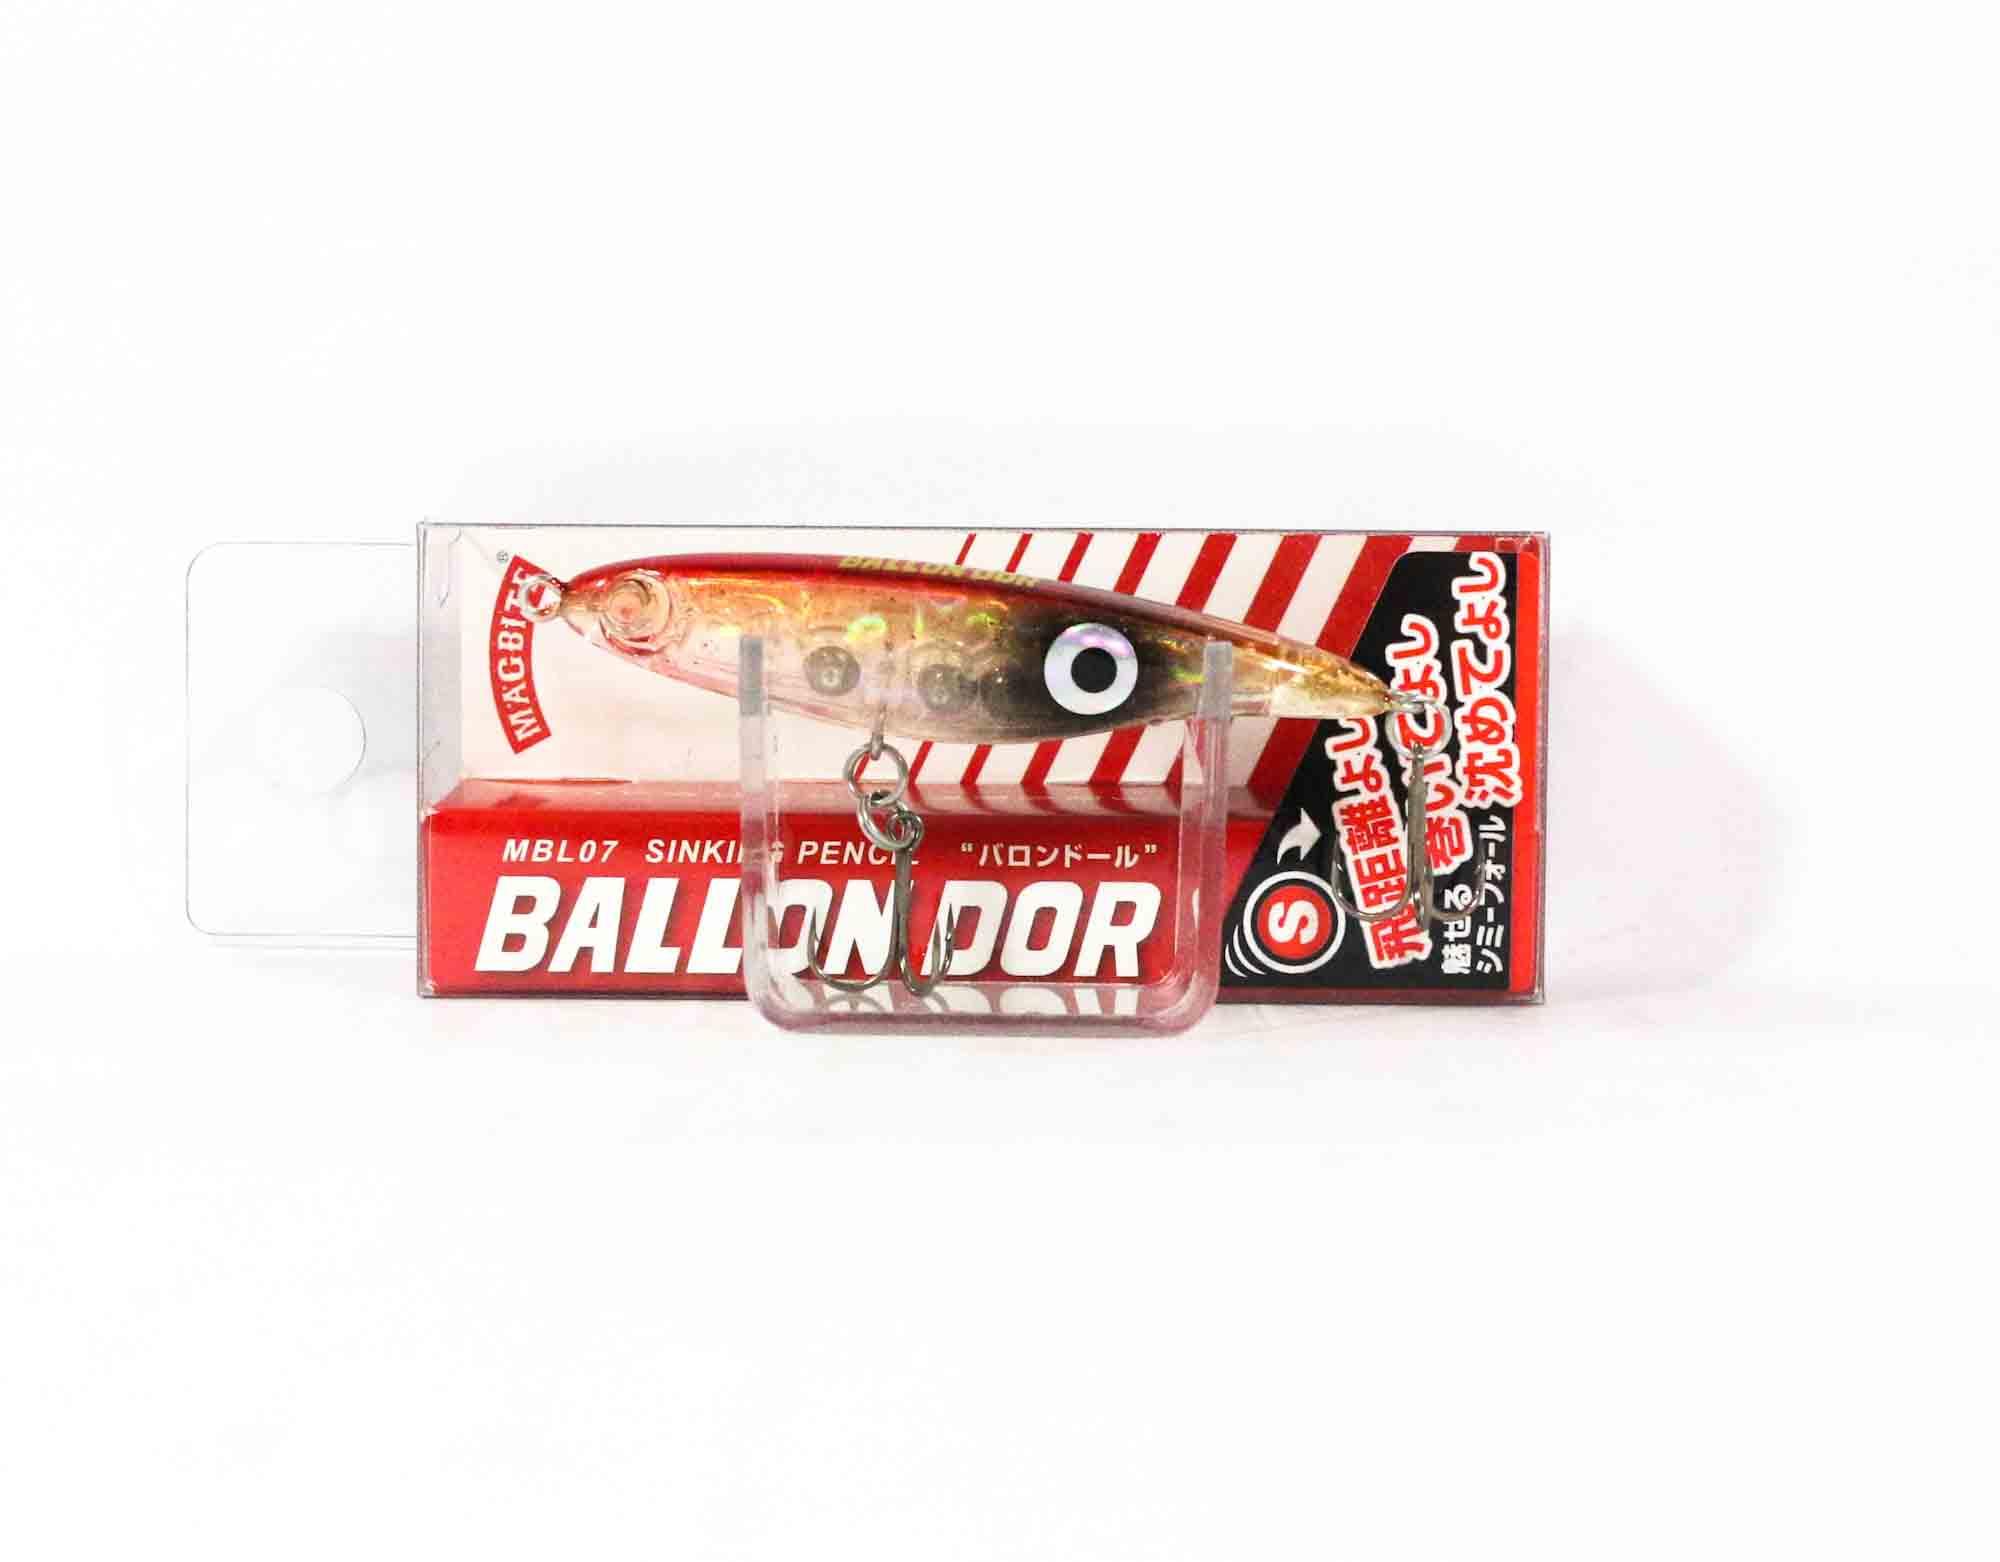 Harimitsu Mag Bite Ballon Dor Sinking Pencil Lure 4 grams (6089)